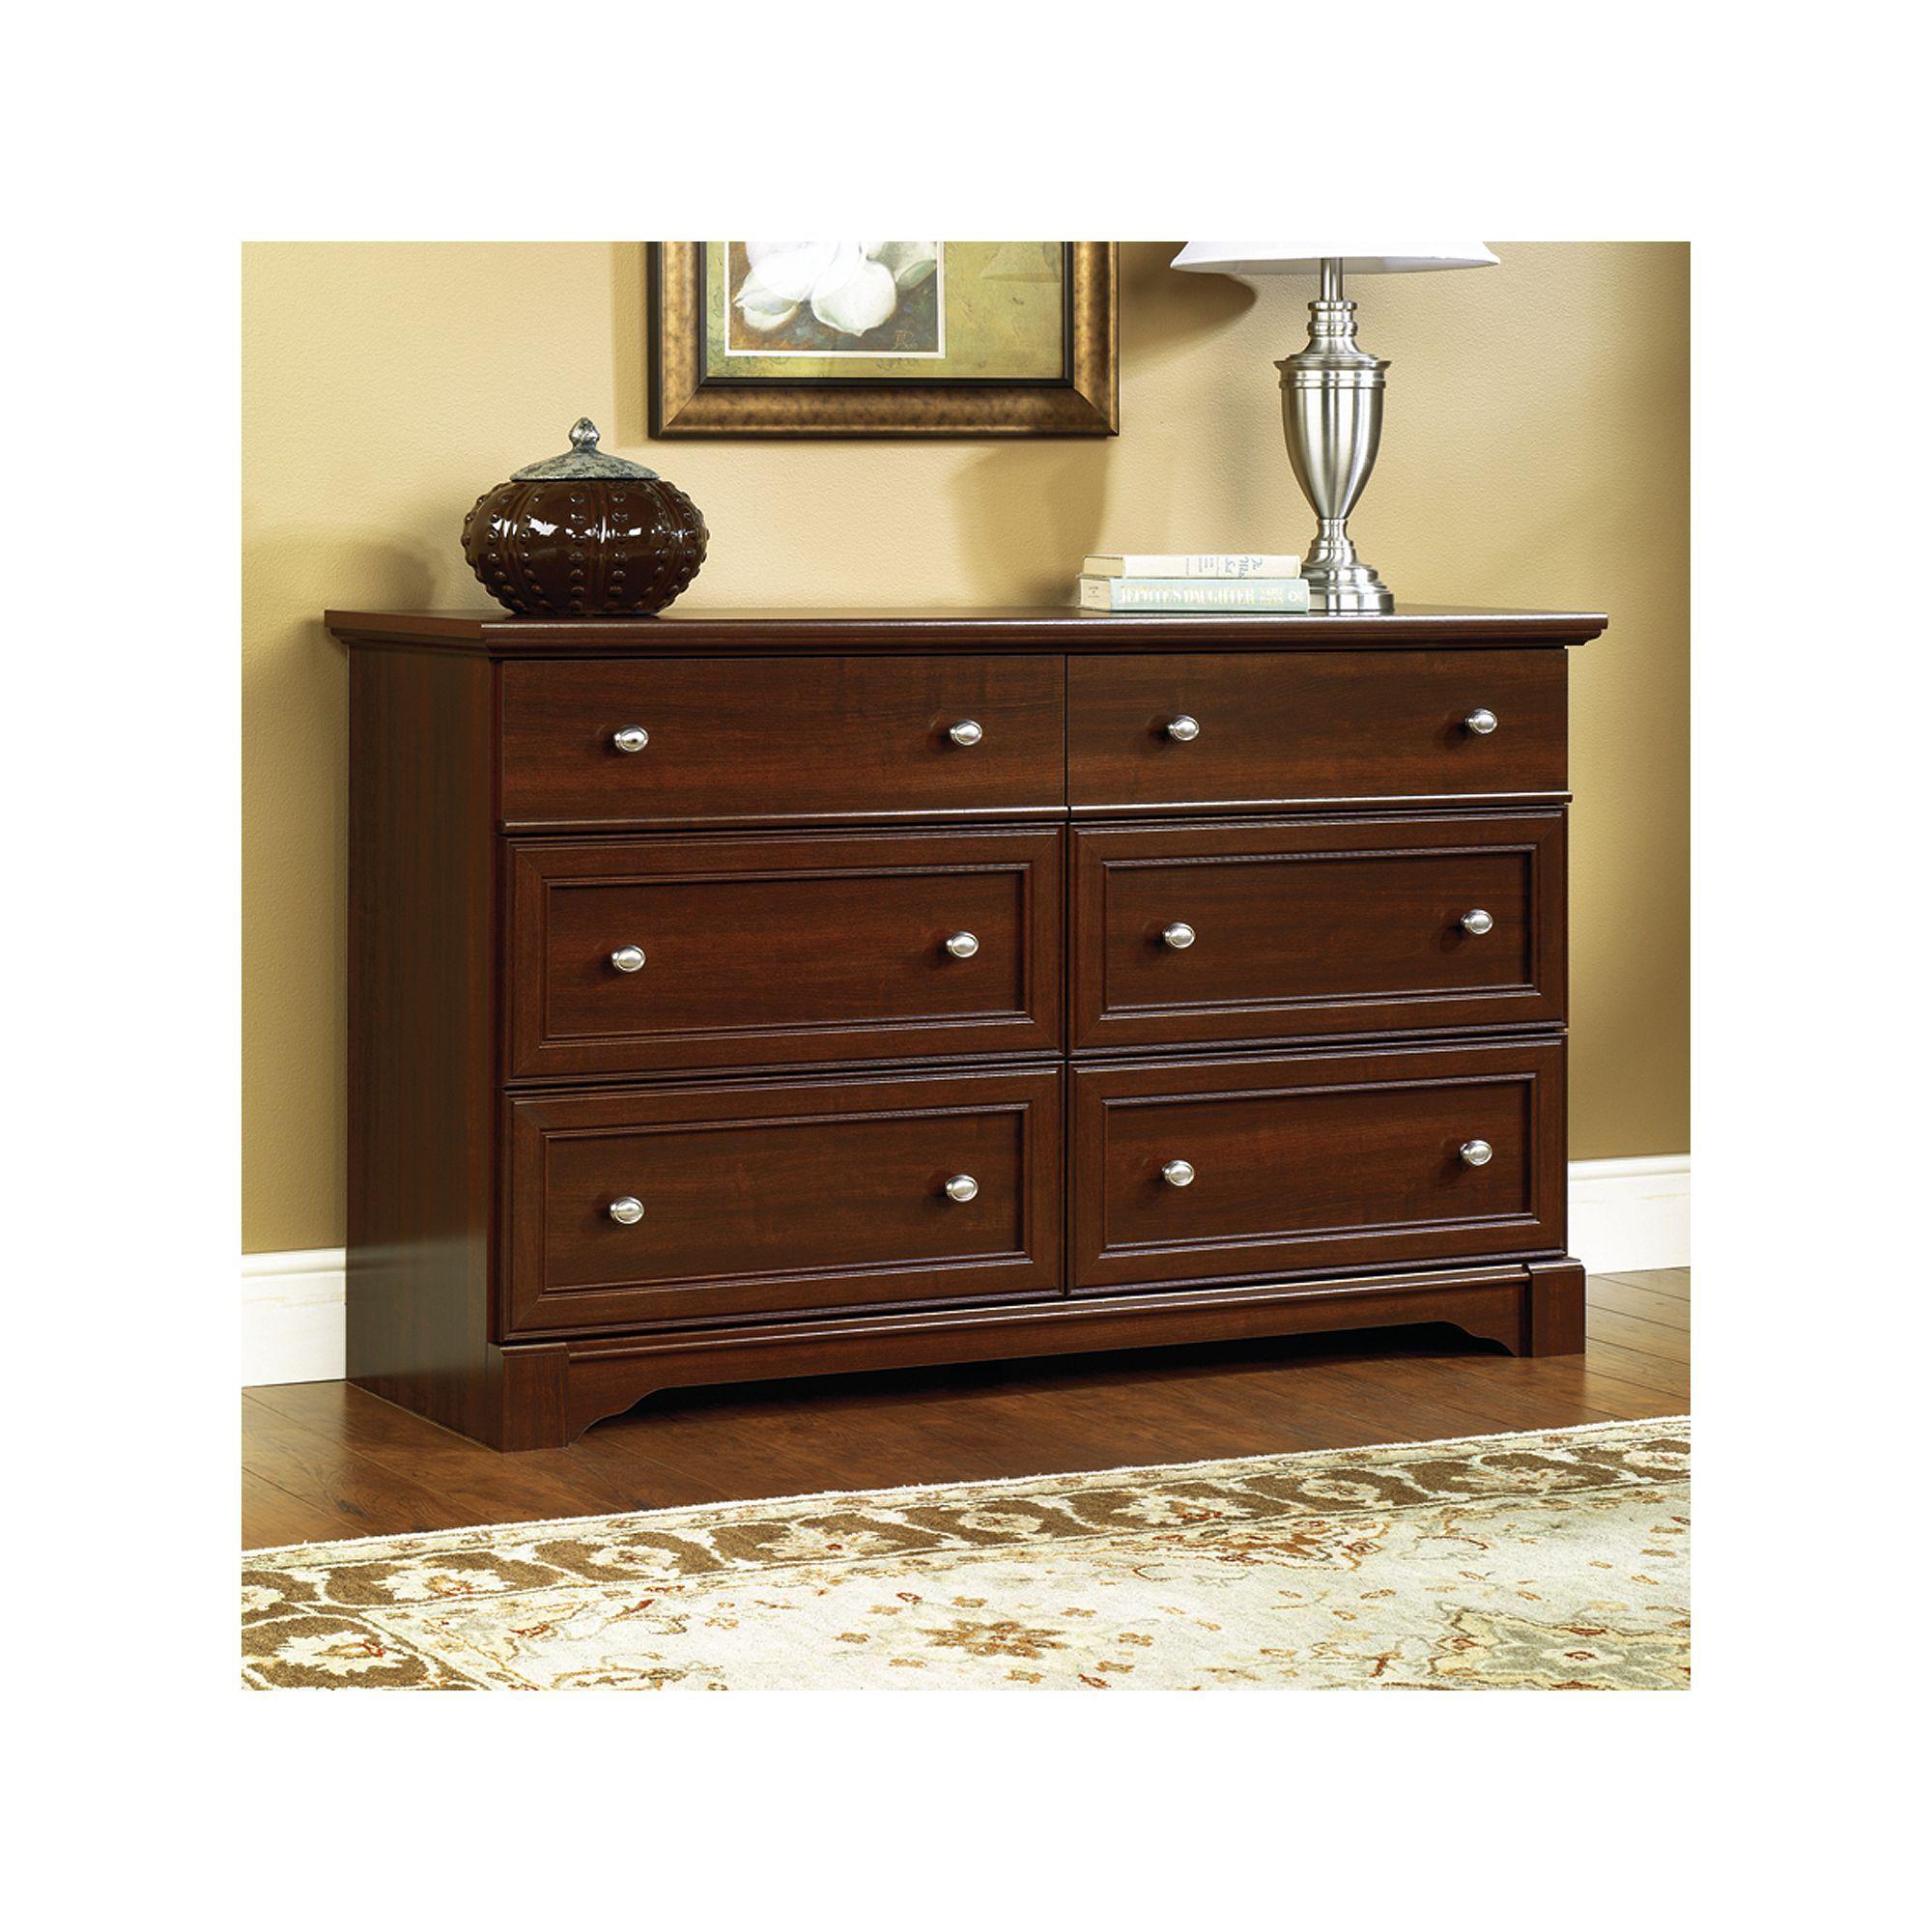 Sauder Palladia Dresser Cherry dresser, Cherry wood